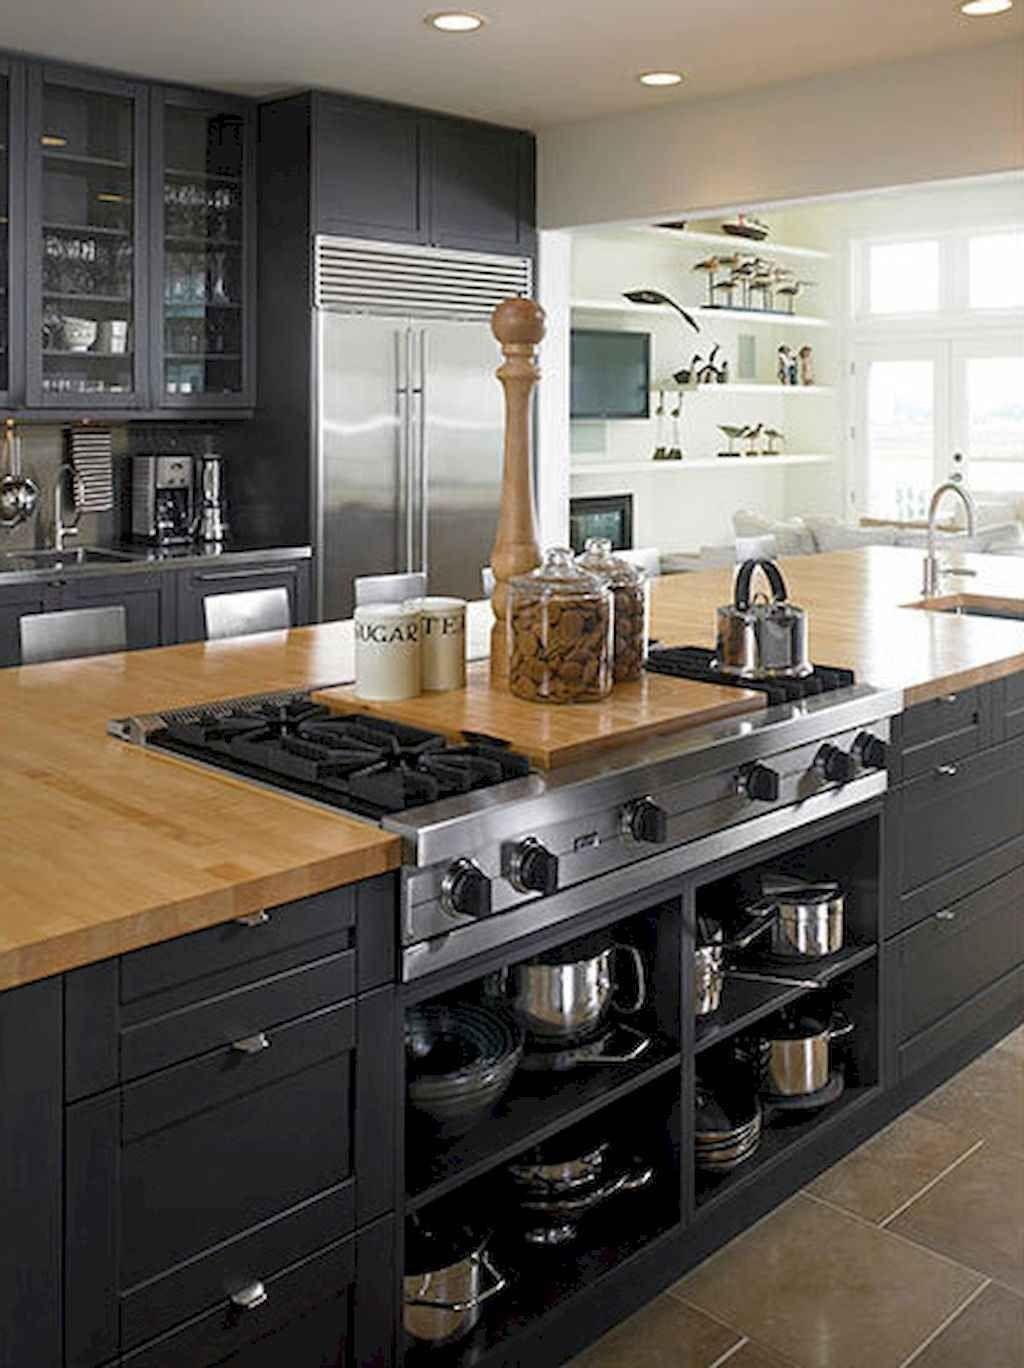 60 Black Kitchen Cabinets Design Ideas In 2020 Kitchen Island With Stove Country Kitchen Designs Kitchen Cabinet Design